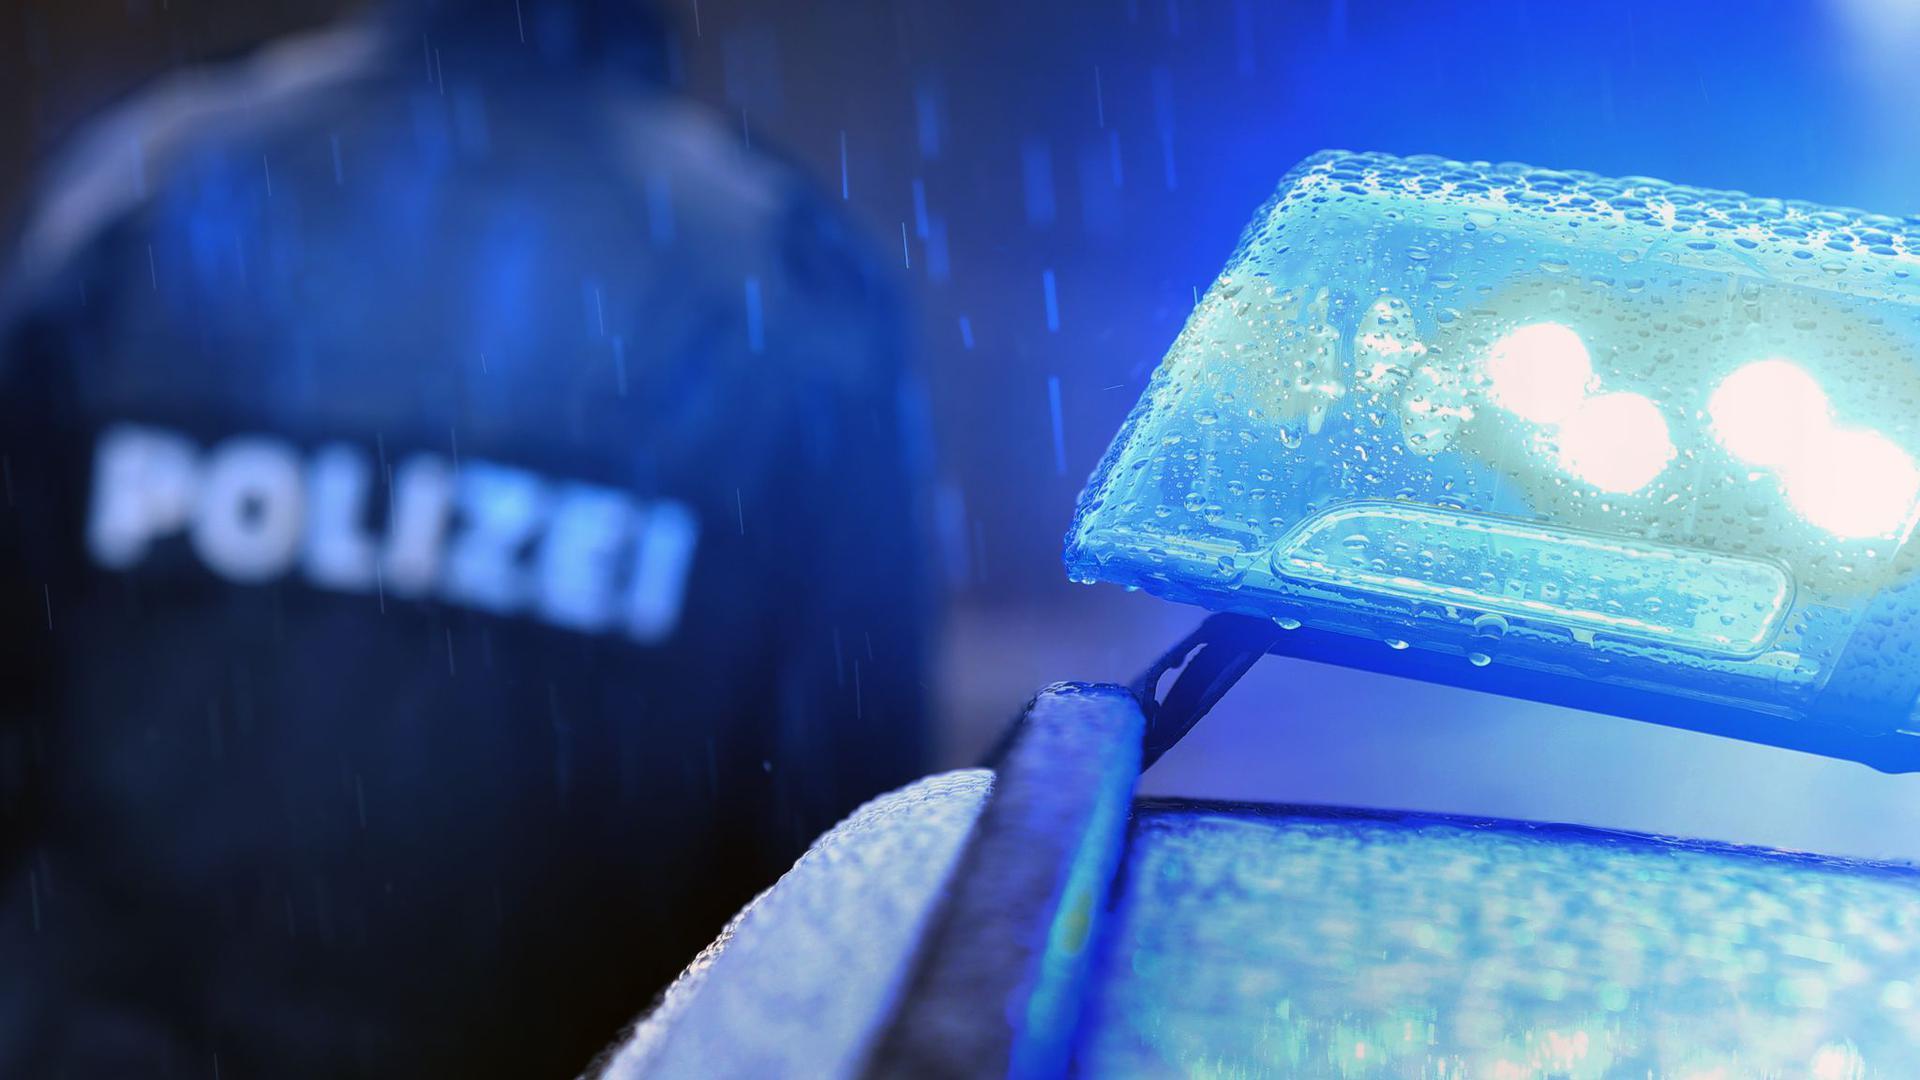 Ein Polizist steht vor einem Streifenwagen dessen Blaulicht aktiviert ist.